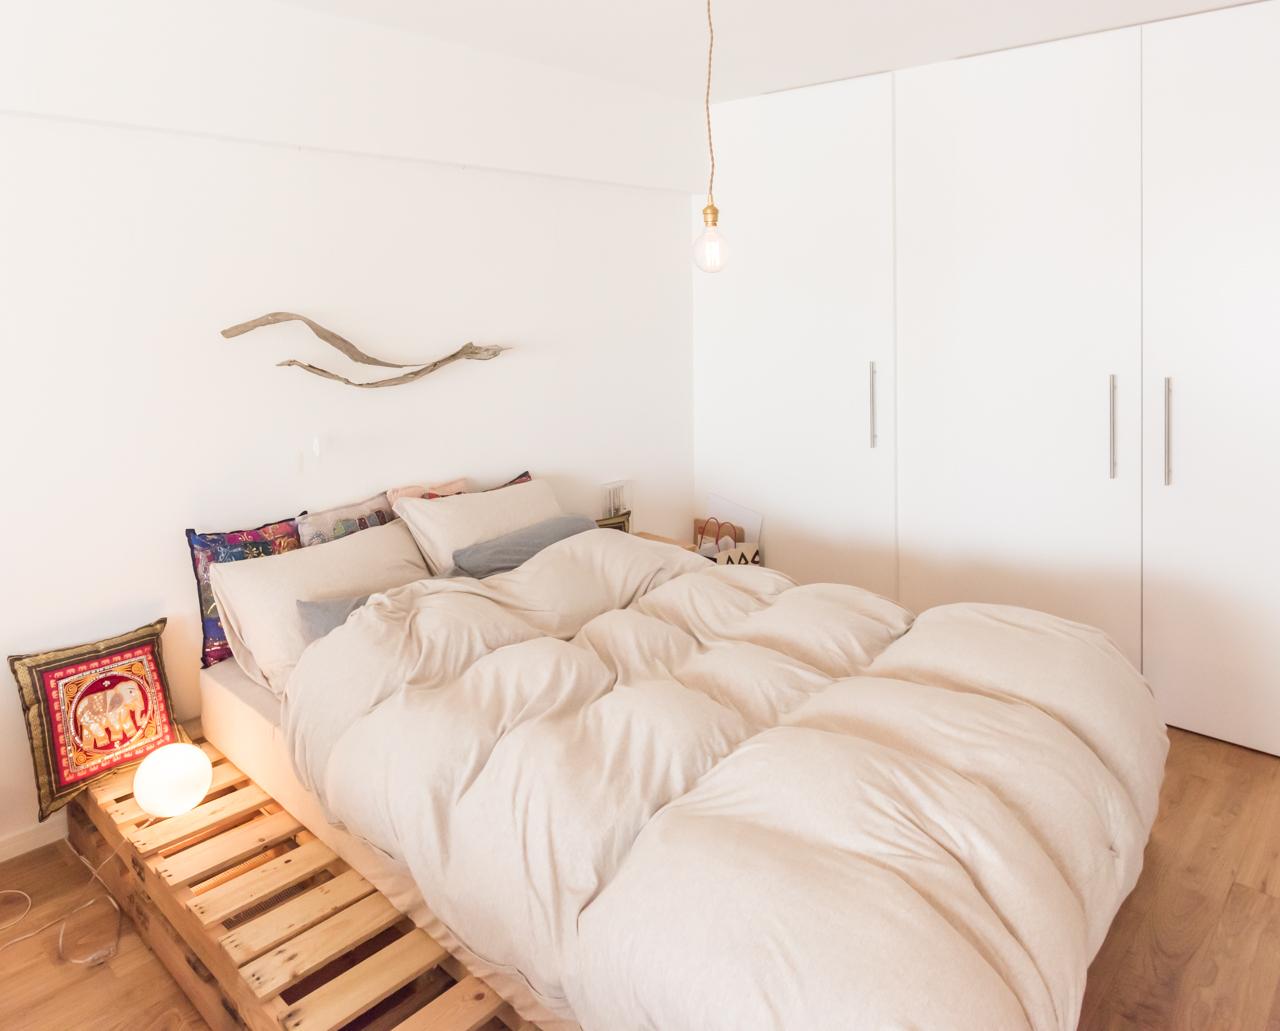 置くだけ、並べるだけのざっくり簡単DIY。木製パレットを使ったインテリア実例まとめ